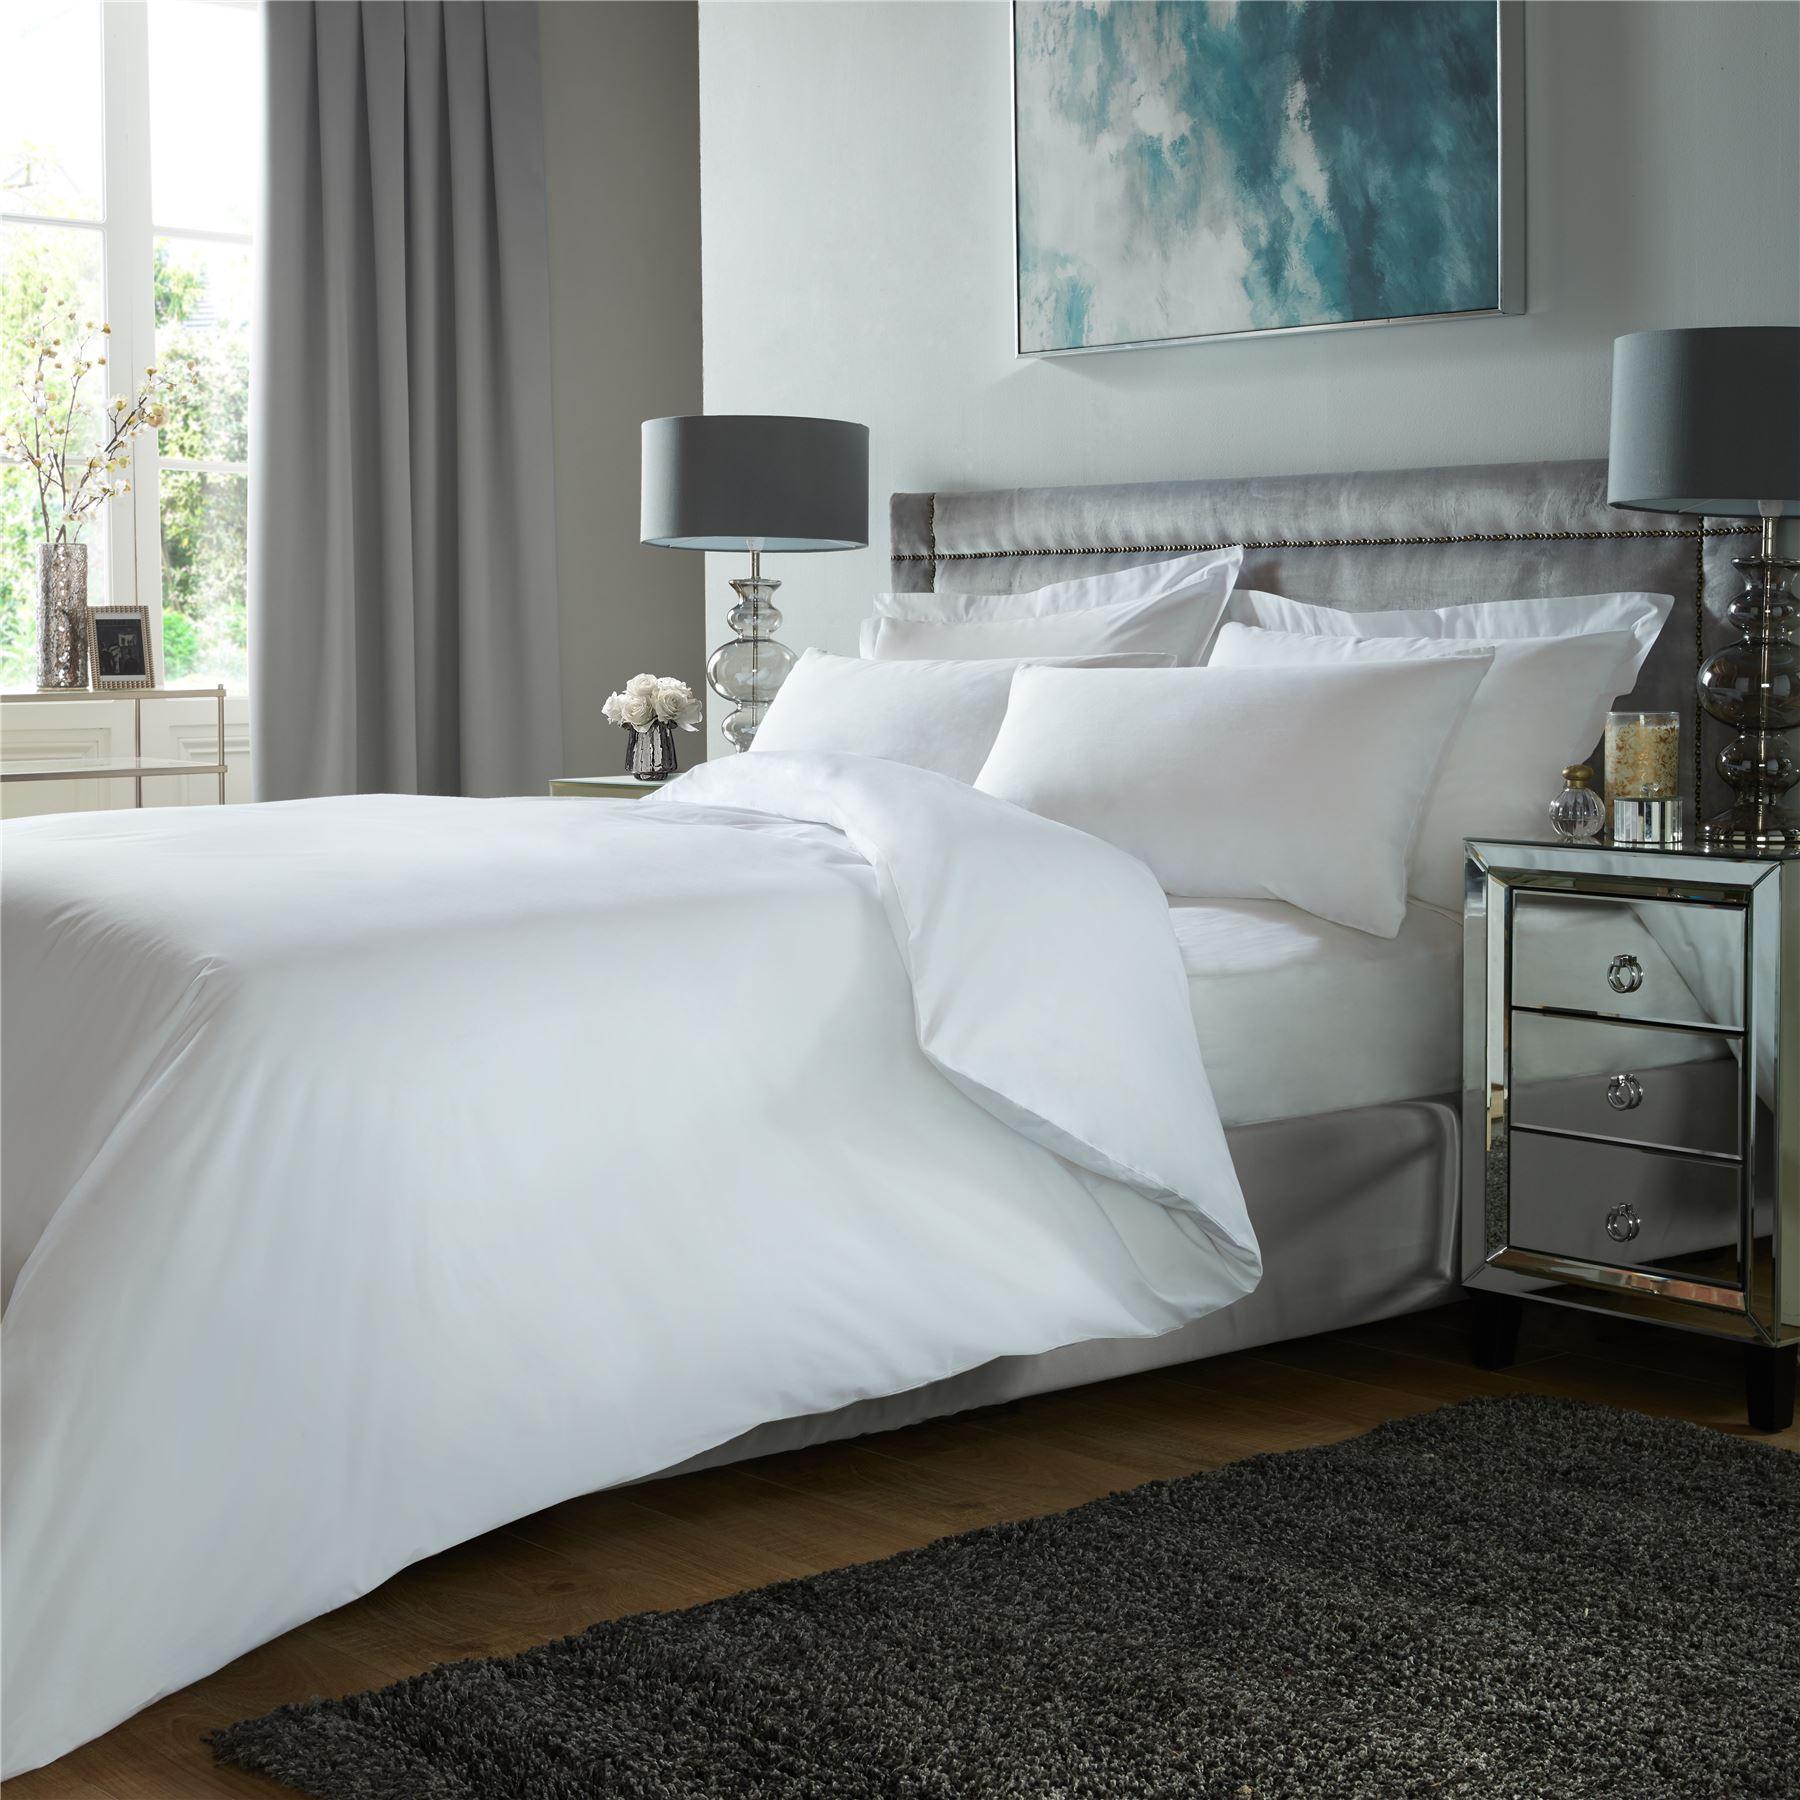 De-Lujo-400TC-conjunto-de-funda-de-edredon-100-Algodon-Egipcio-ropa-de-cama-funda-de-almohada-tenida miniatura 25